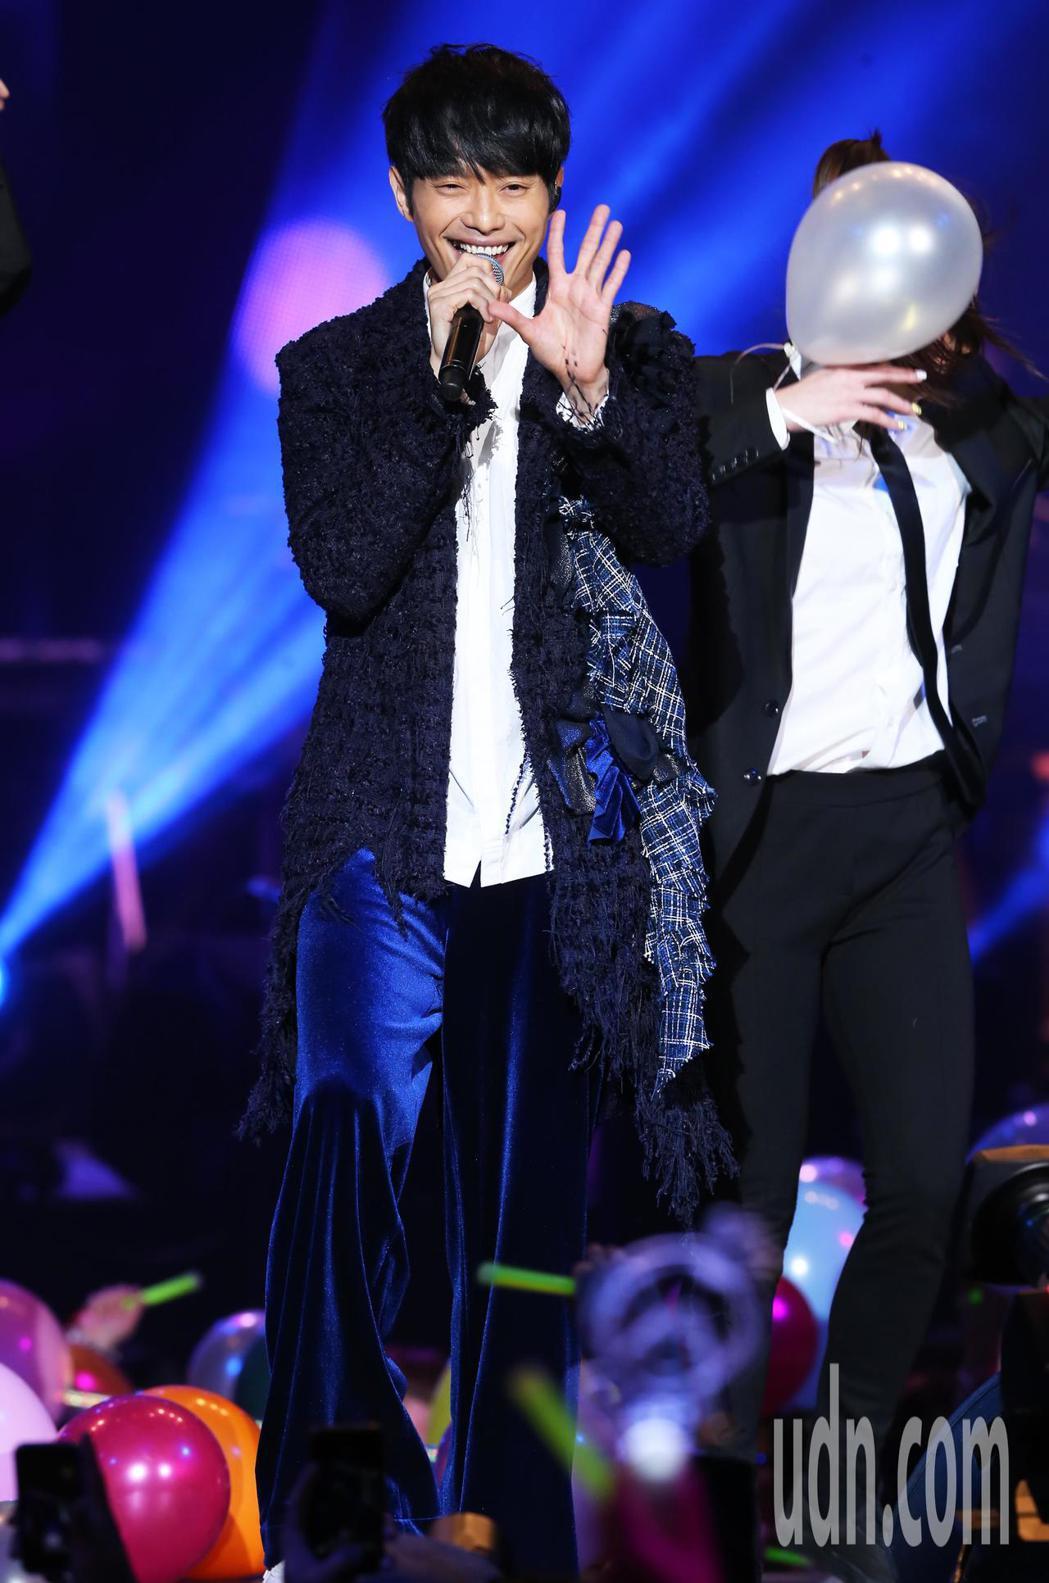 張棟樑《口袋的五度世界》巡迴演唱會,今天晚上在台北A-STATION展演中心首場...